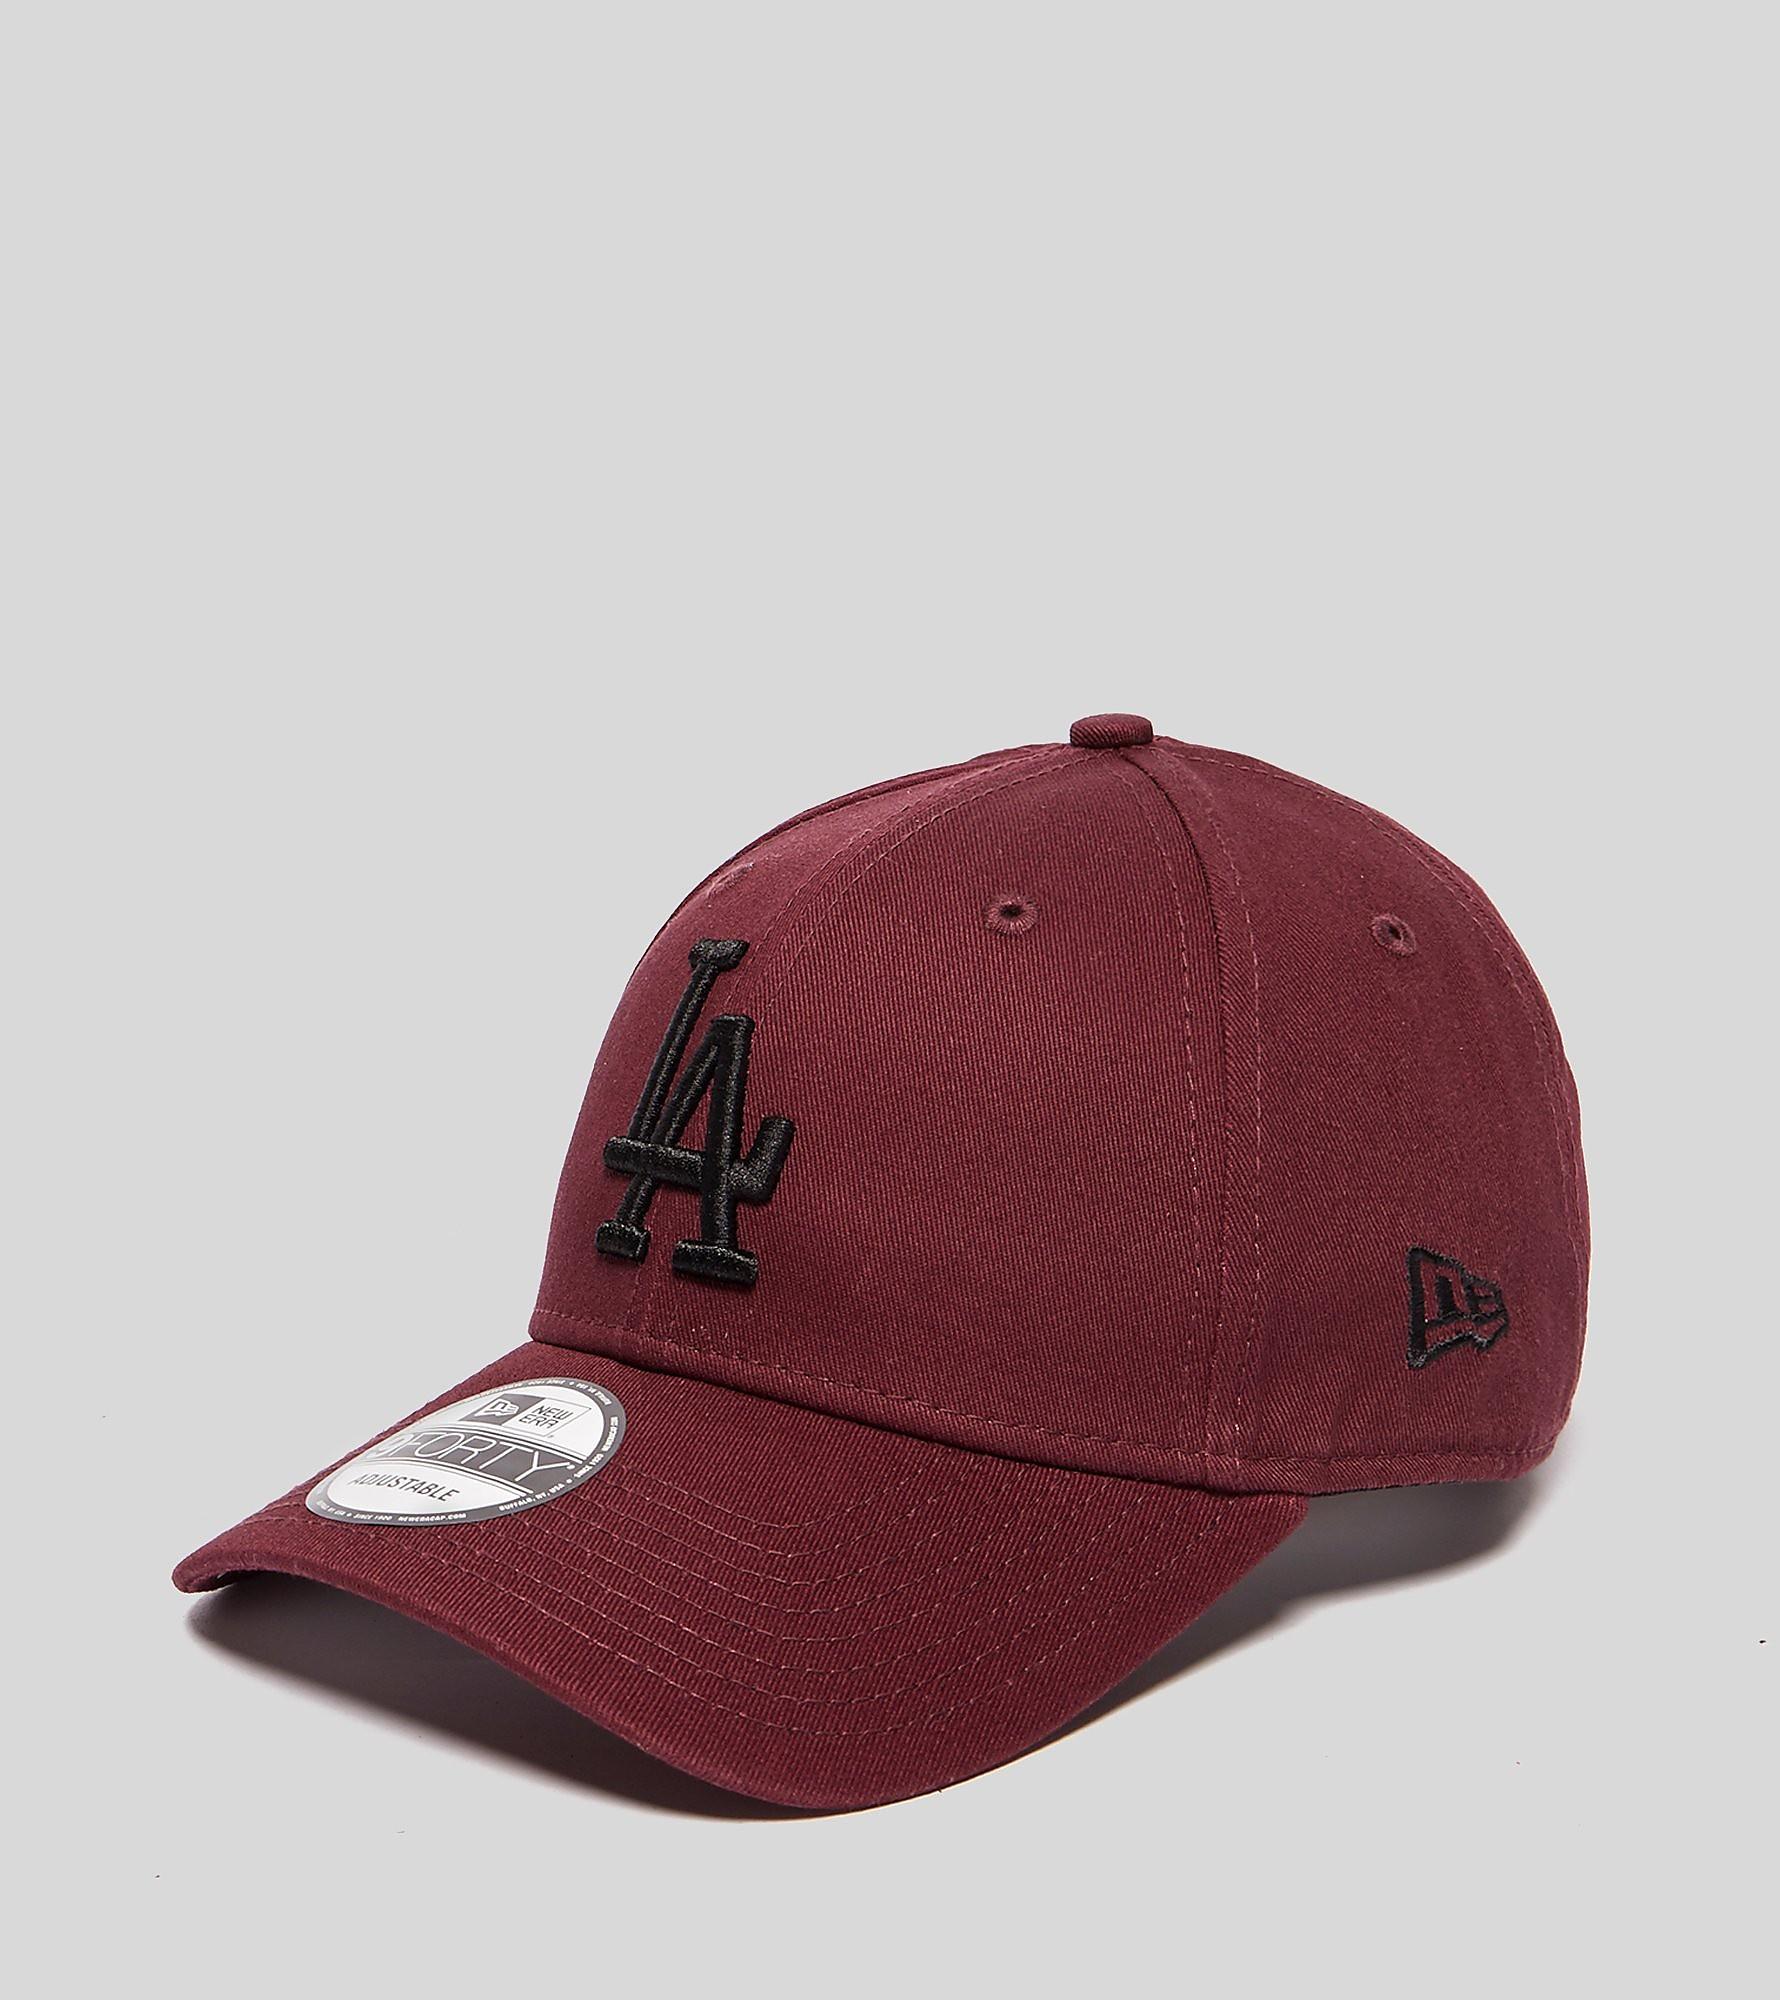 New Era MLB 9FORTY LA Cap